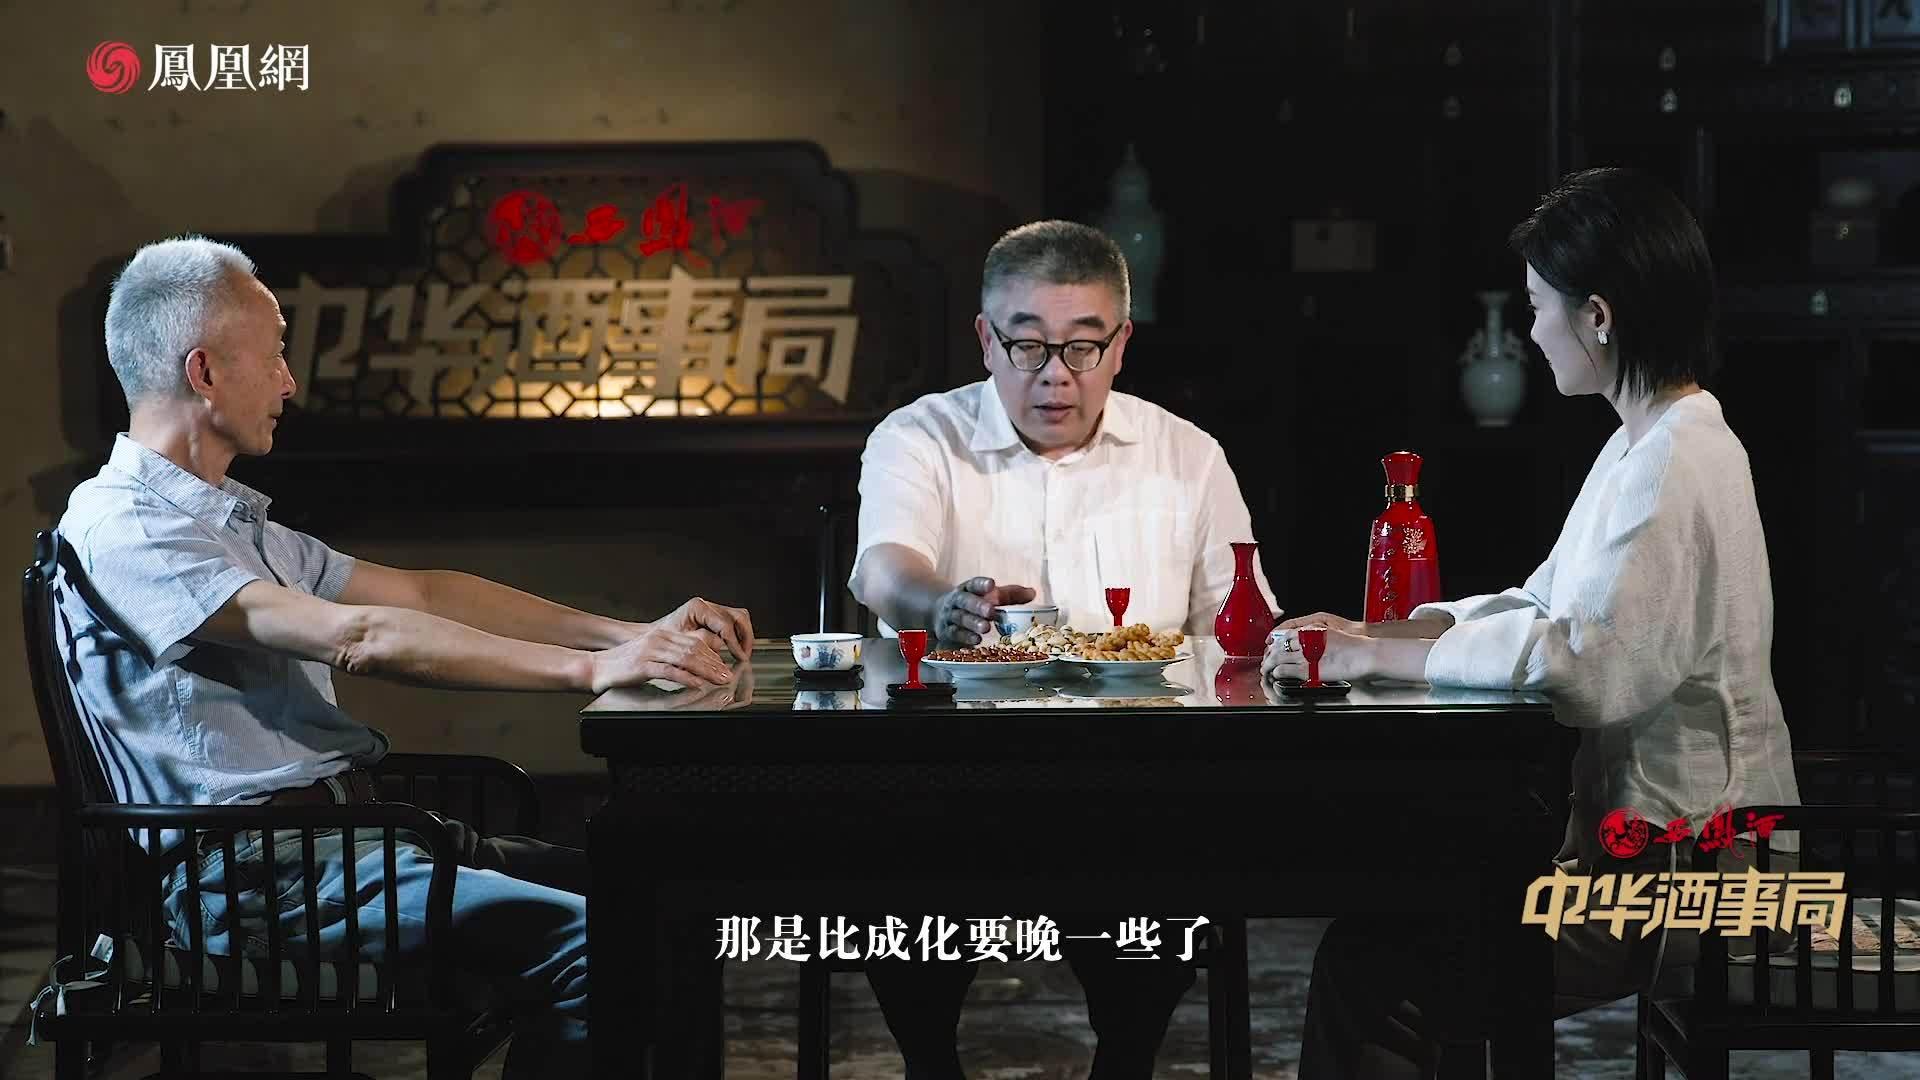 凤凰网《中华酒事局》  戴建业:一只鸡缸杯,让我相信人间真的有爱情